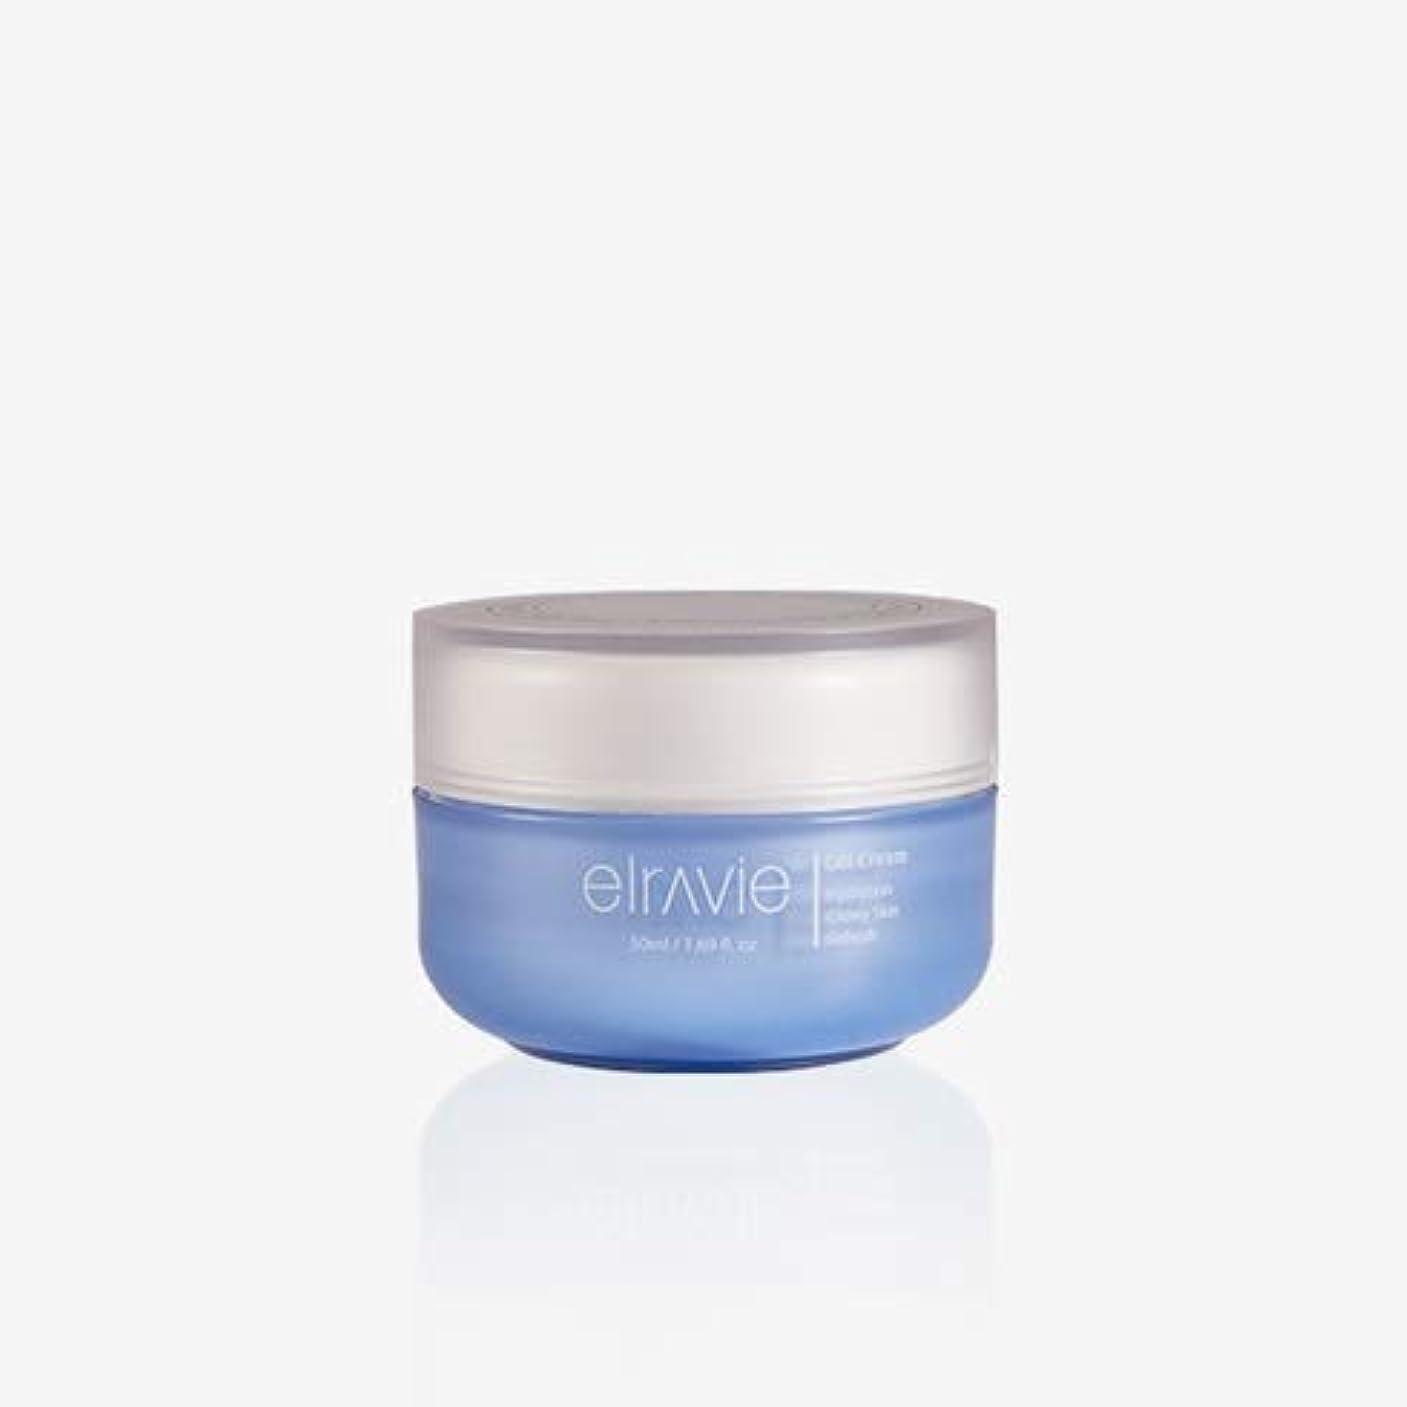 優雅マラドロイトハイキングエラヴィー[Elravie] ダーマハイドロエクステンデッドハイジェルクリーム50ml / Derma Hydro Extended Hyal Gel Cream